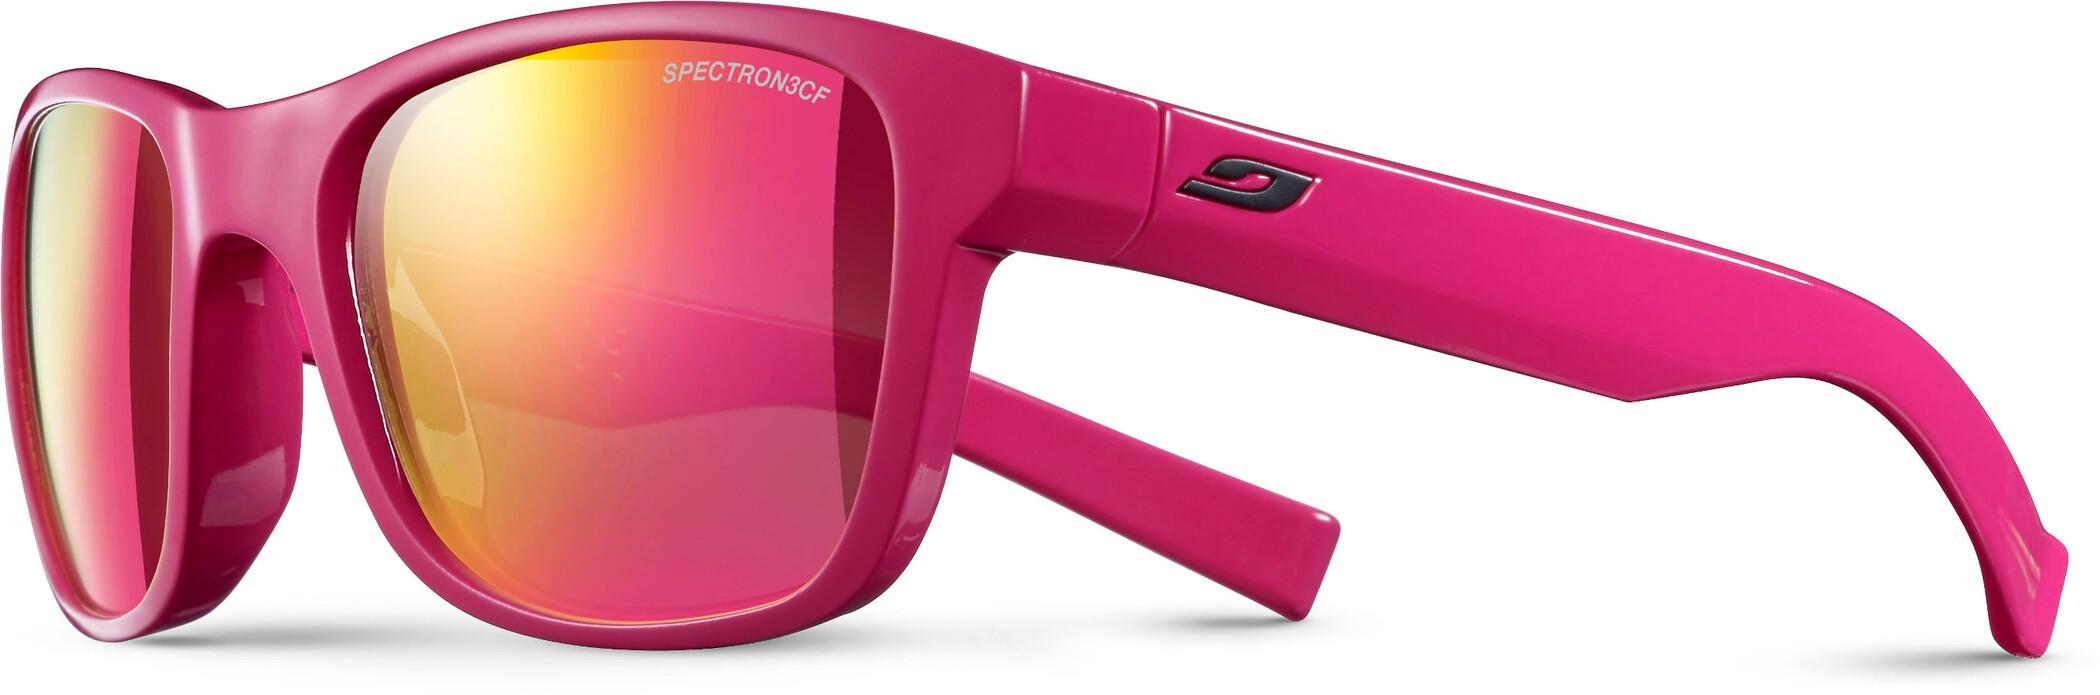 Julbo Reach L Spectron 3CF Solbriller 10-15Y Børn, shiny pink-multilayer pink   Briller